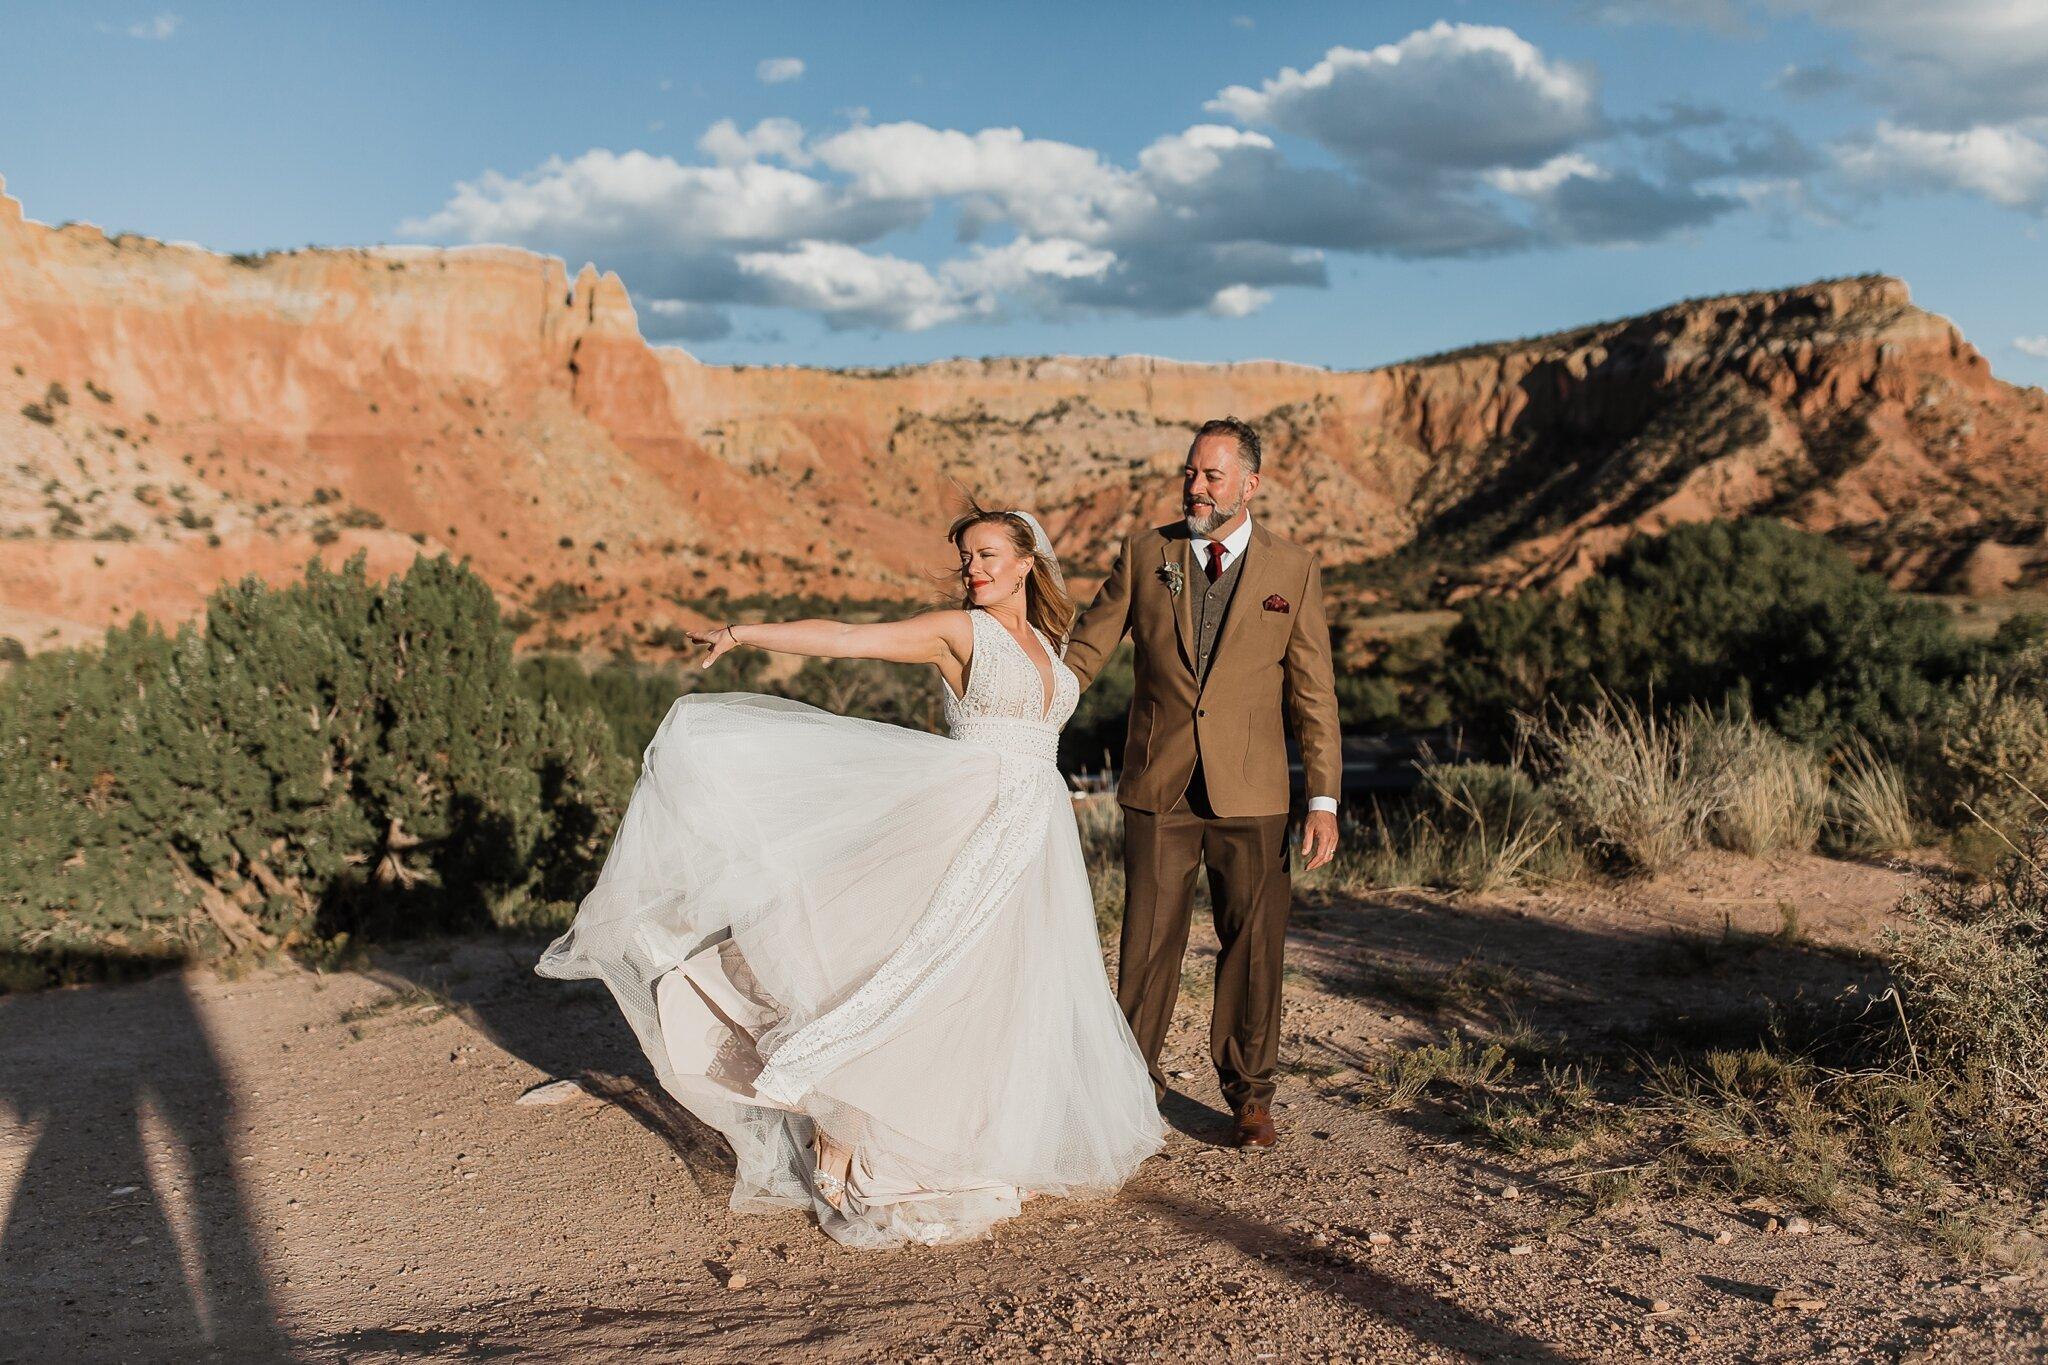 Alicia+lucia+photography+-+albuquerque+wedding+photographer+-+santa+fe+wedding+photography+-+new+mexico+wedding+photographer+-+new+mexico+wedding+-+wedding+-+santa+fe+wedding+-+ghost+ranch+-+ghost+ranch+wedding+-+fall+wedding_0063.jpg